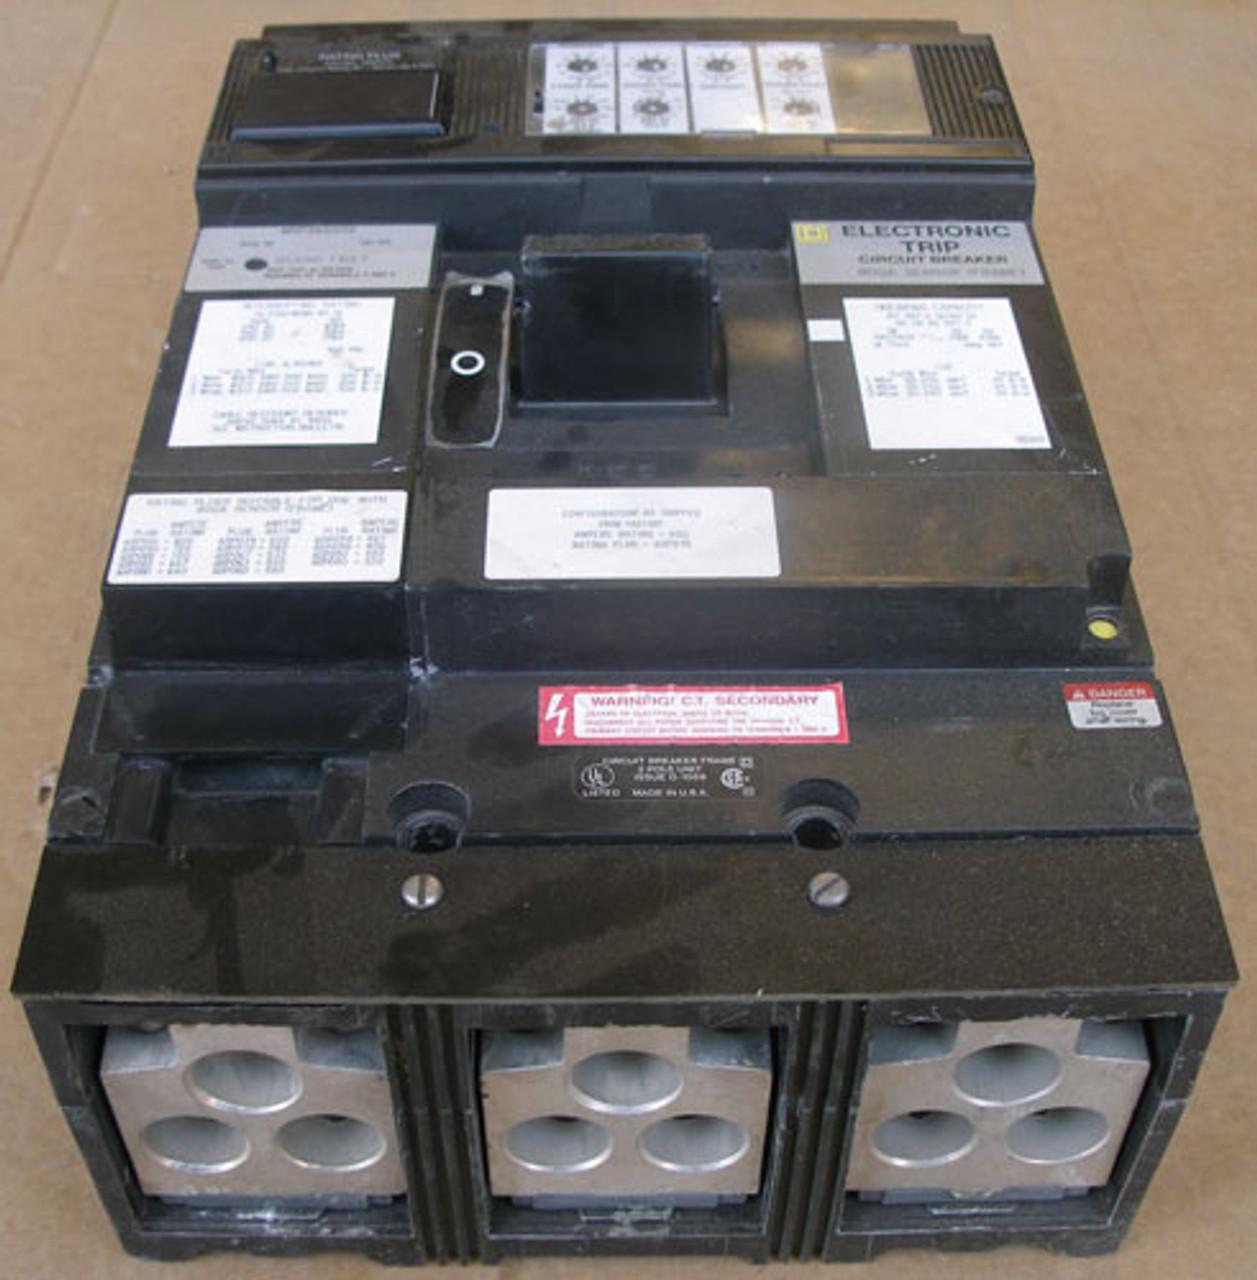 Square D MXP36600G 600A 600V 3P 3Ph Series 5B Circuit Breaker - Used